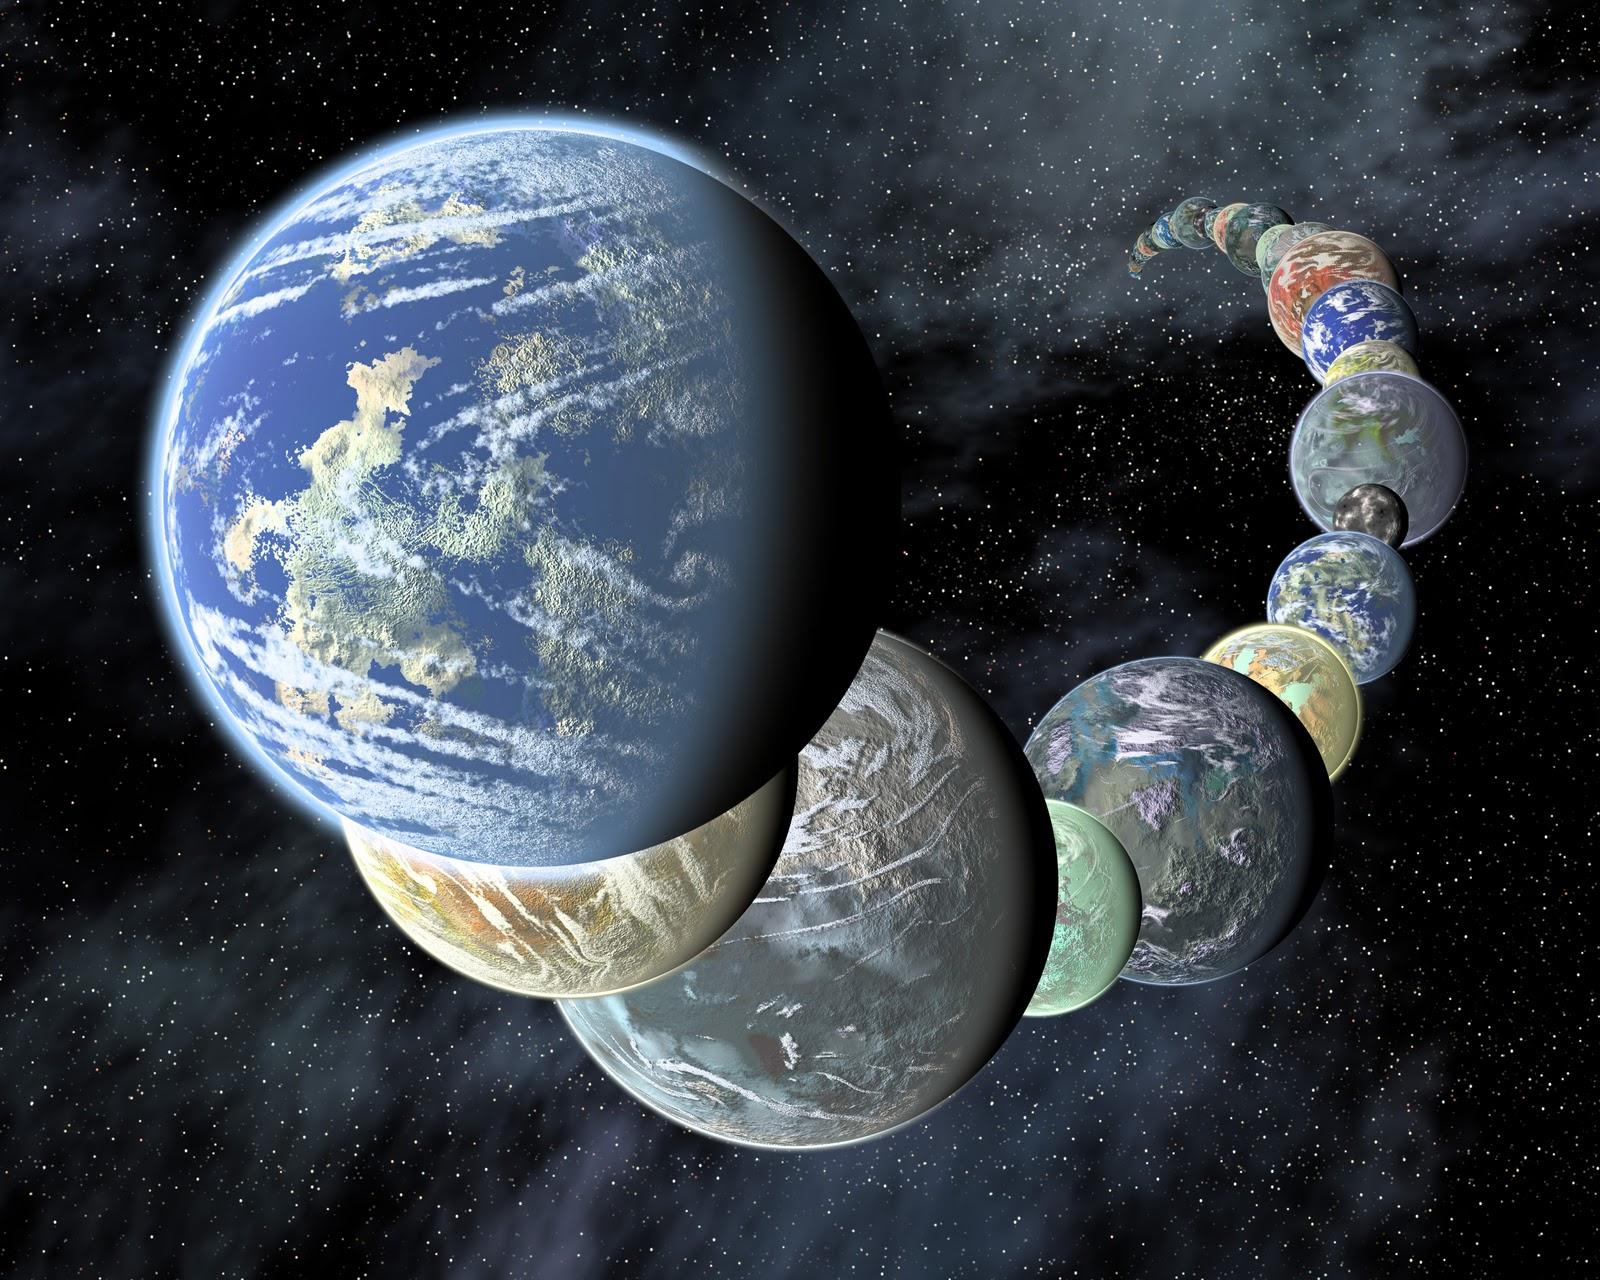 Miliardi di pianeti come la Terra nella nostra galassia